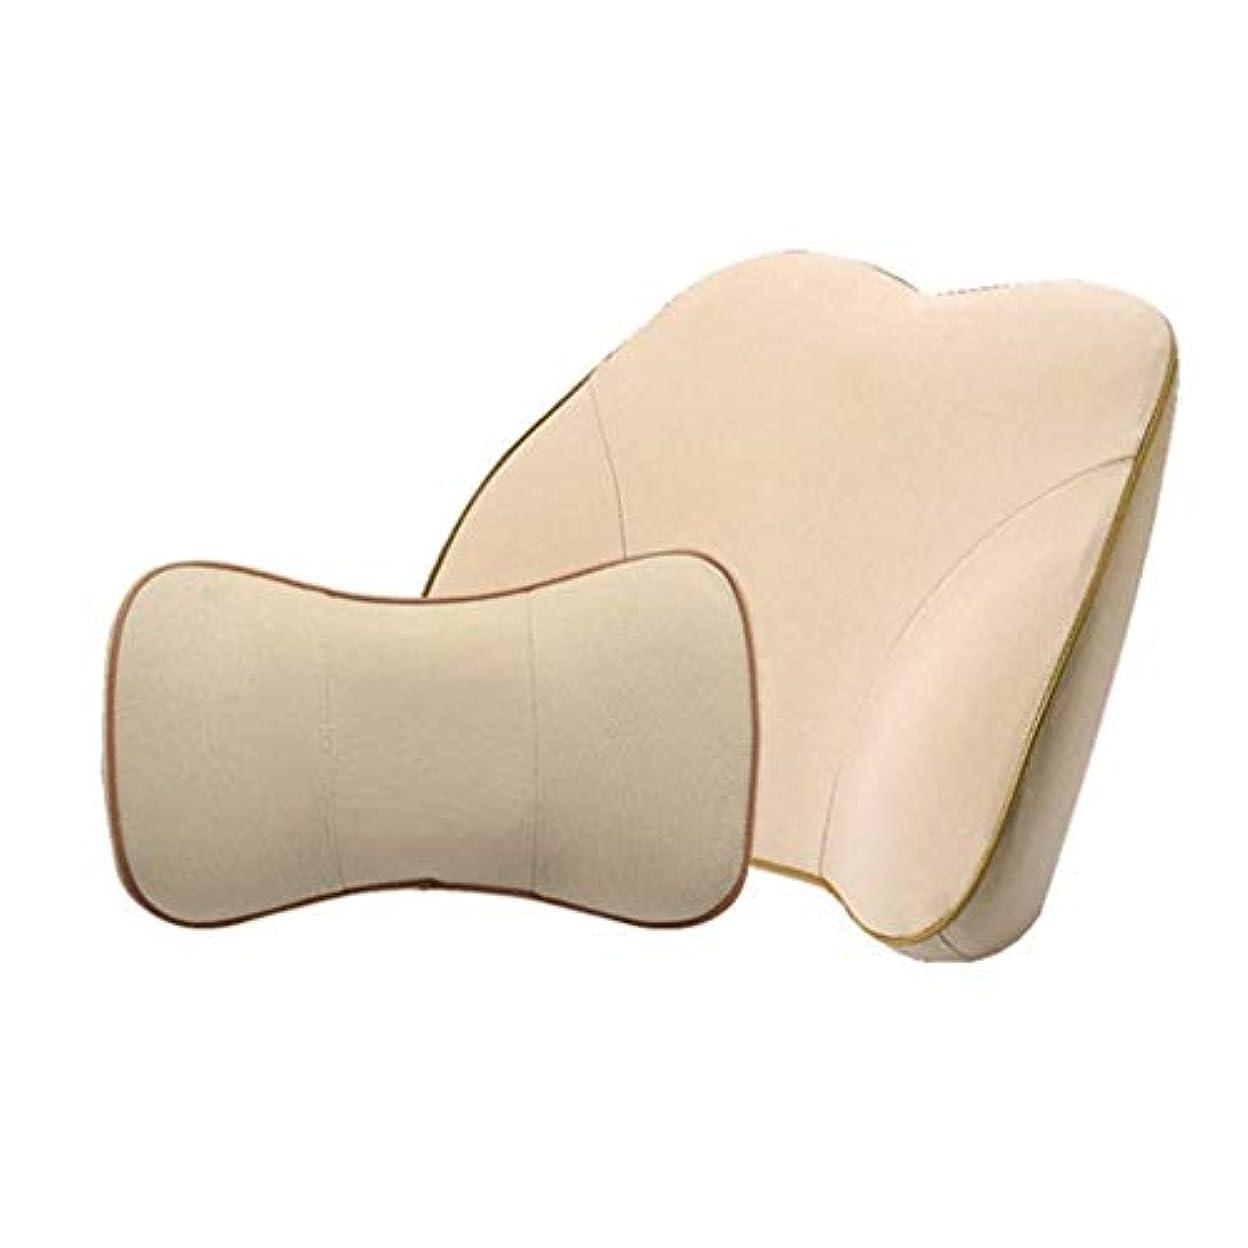 ウガンダ女王暫定の腰椎枕と首の枕 - - メモリコットンネックウエストクッション、車のインテリア、人間工学に基づいたオフィスの椅子とトラベルバックピロー、腰と首の疲労と痛みを和らげ、予防する (Color : Beige)